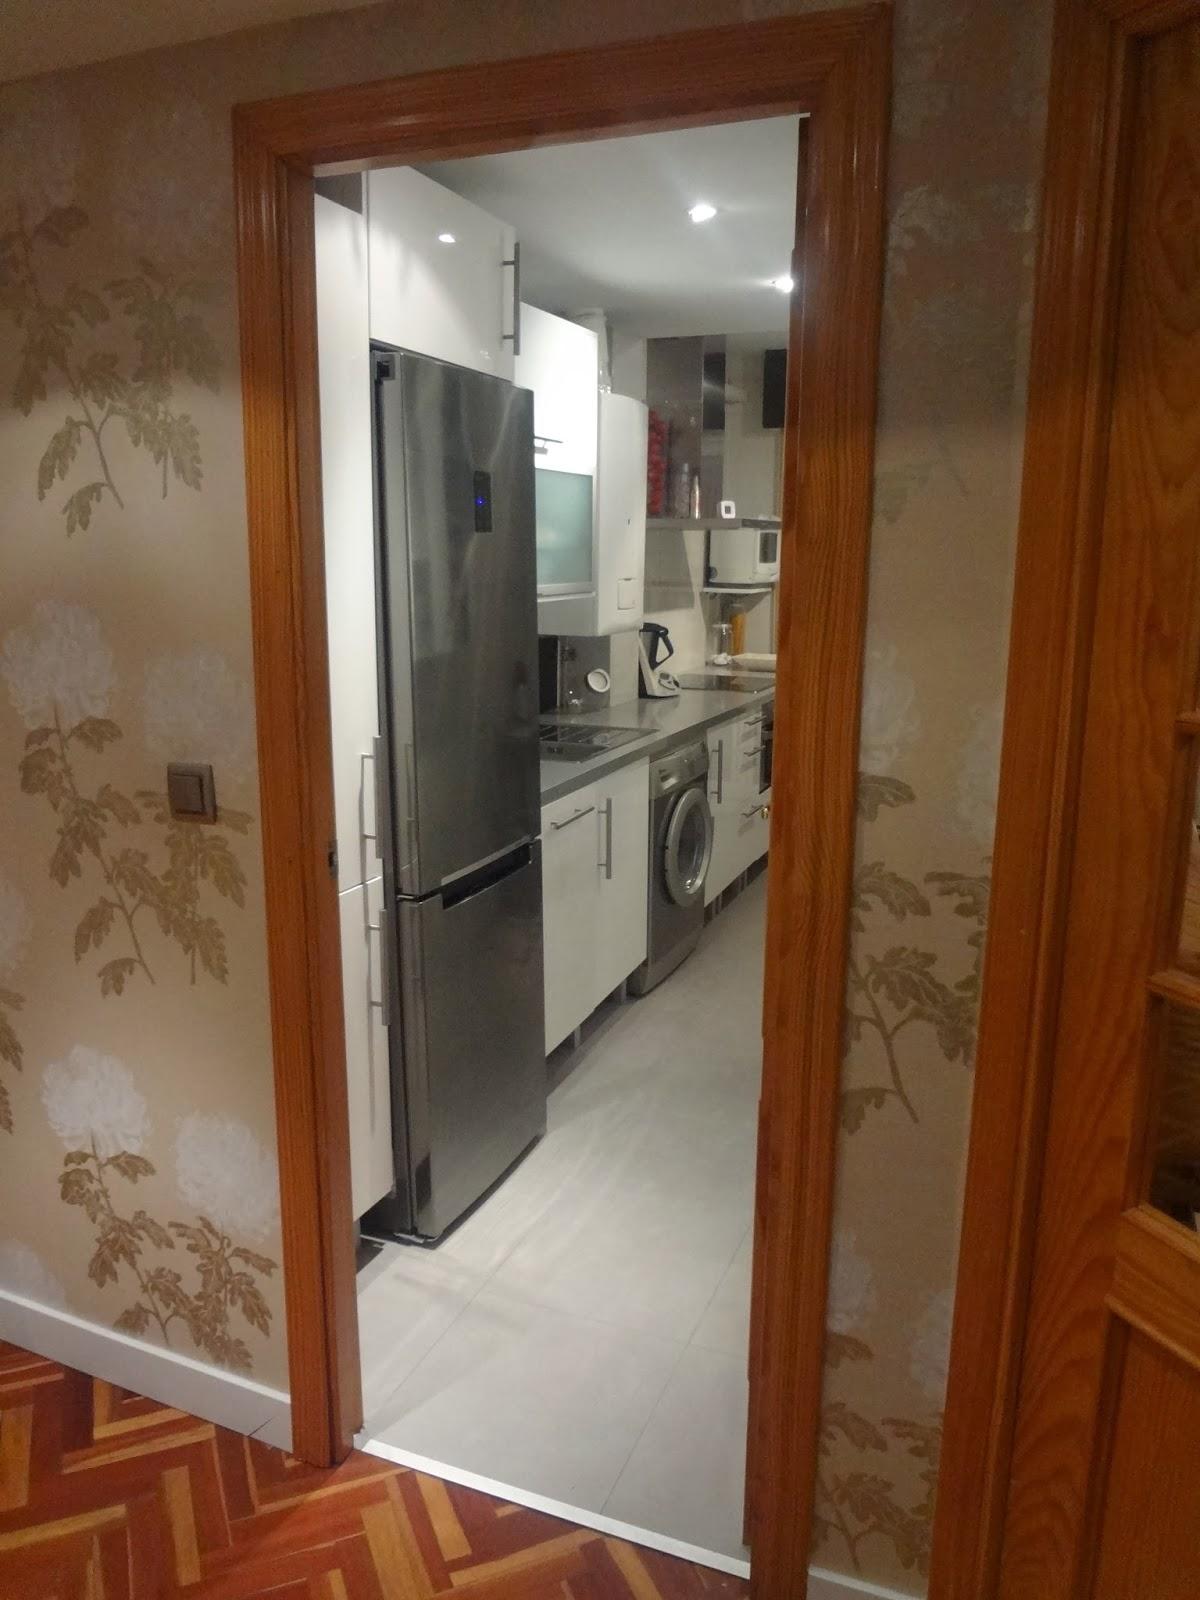 Interiorismo puertas de pino a blanco lacado for Modernizar puertas interior